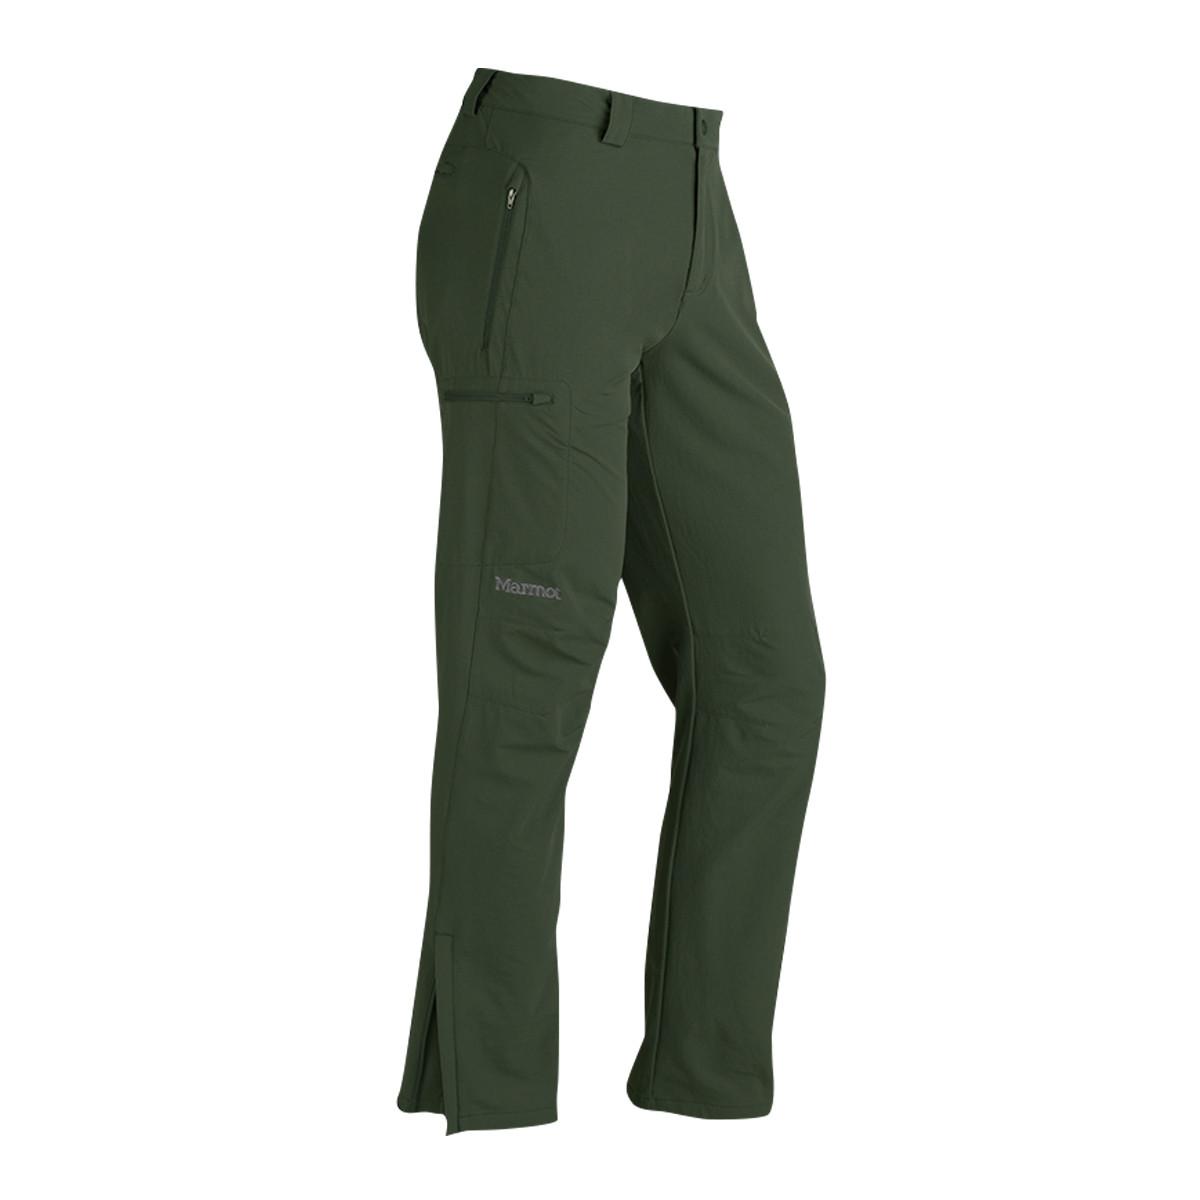 土拨鼠土拨鼠Marmot  户外防泼水透气男款软壳裤Z809504373